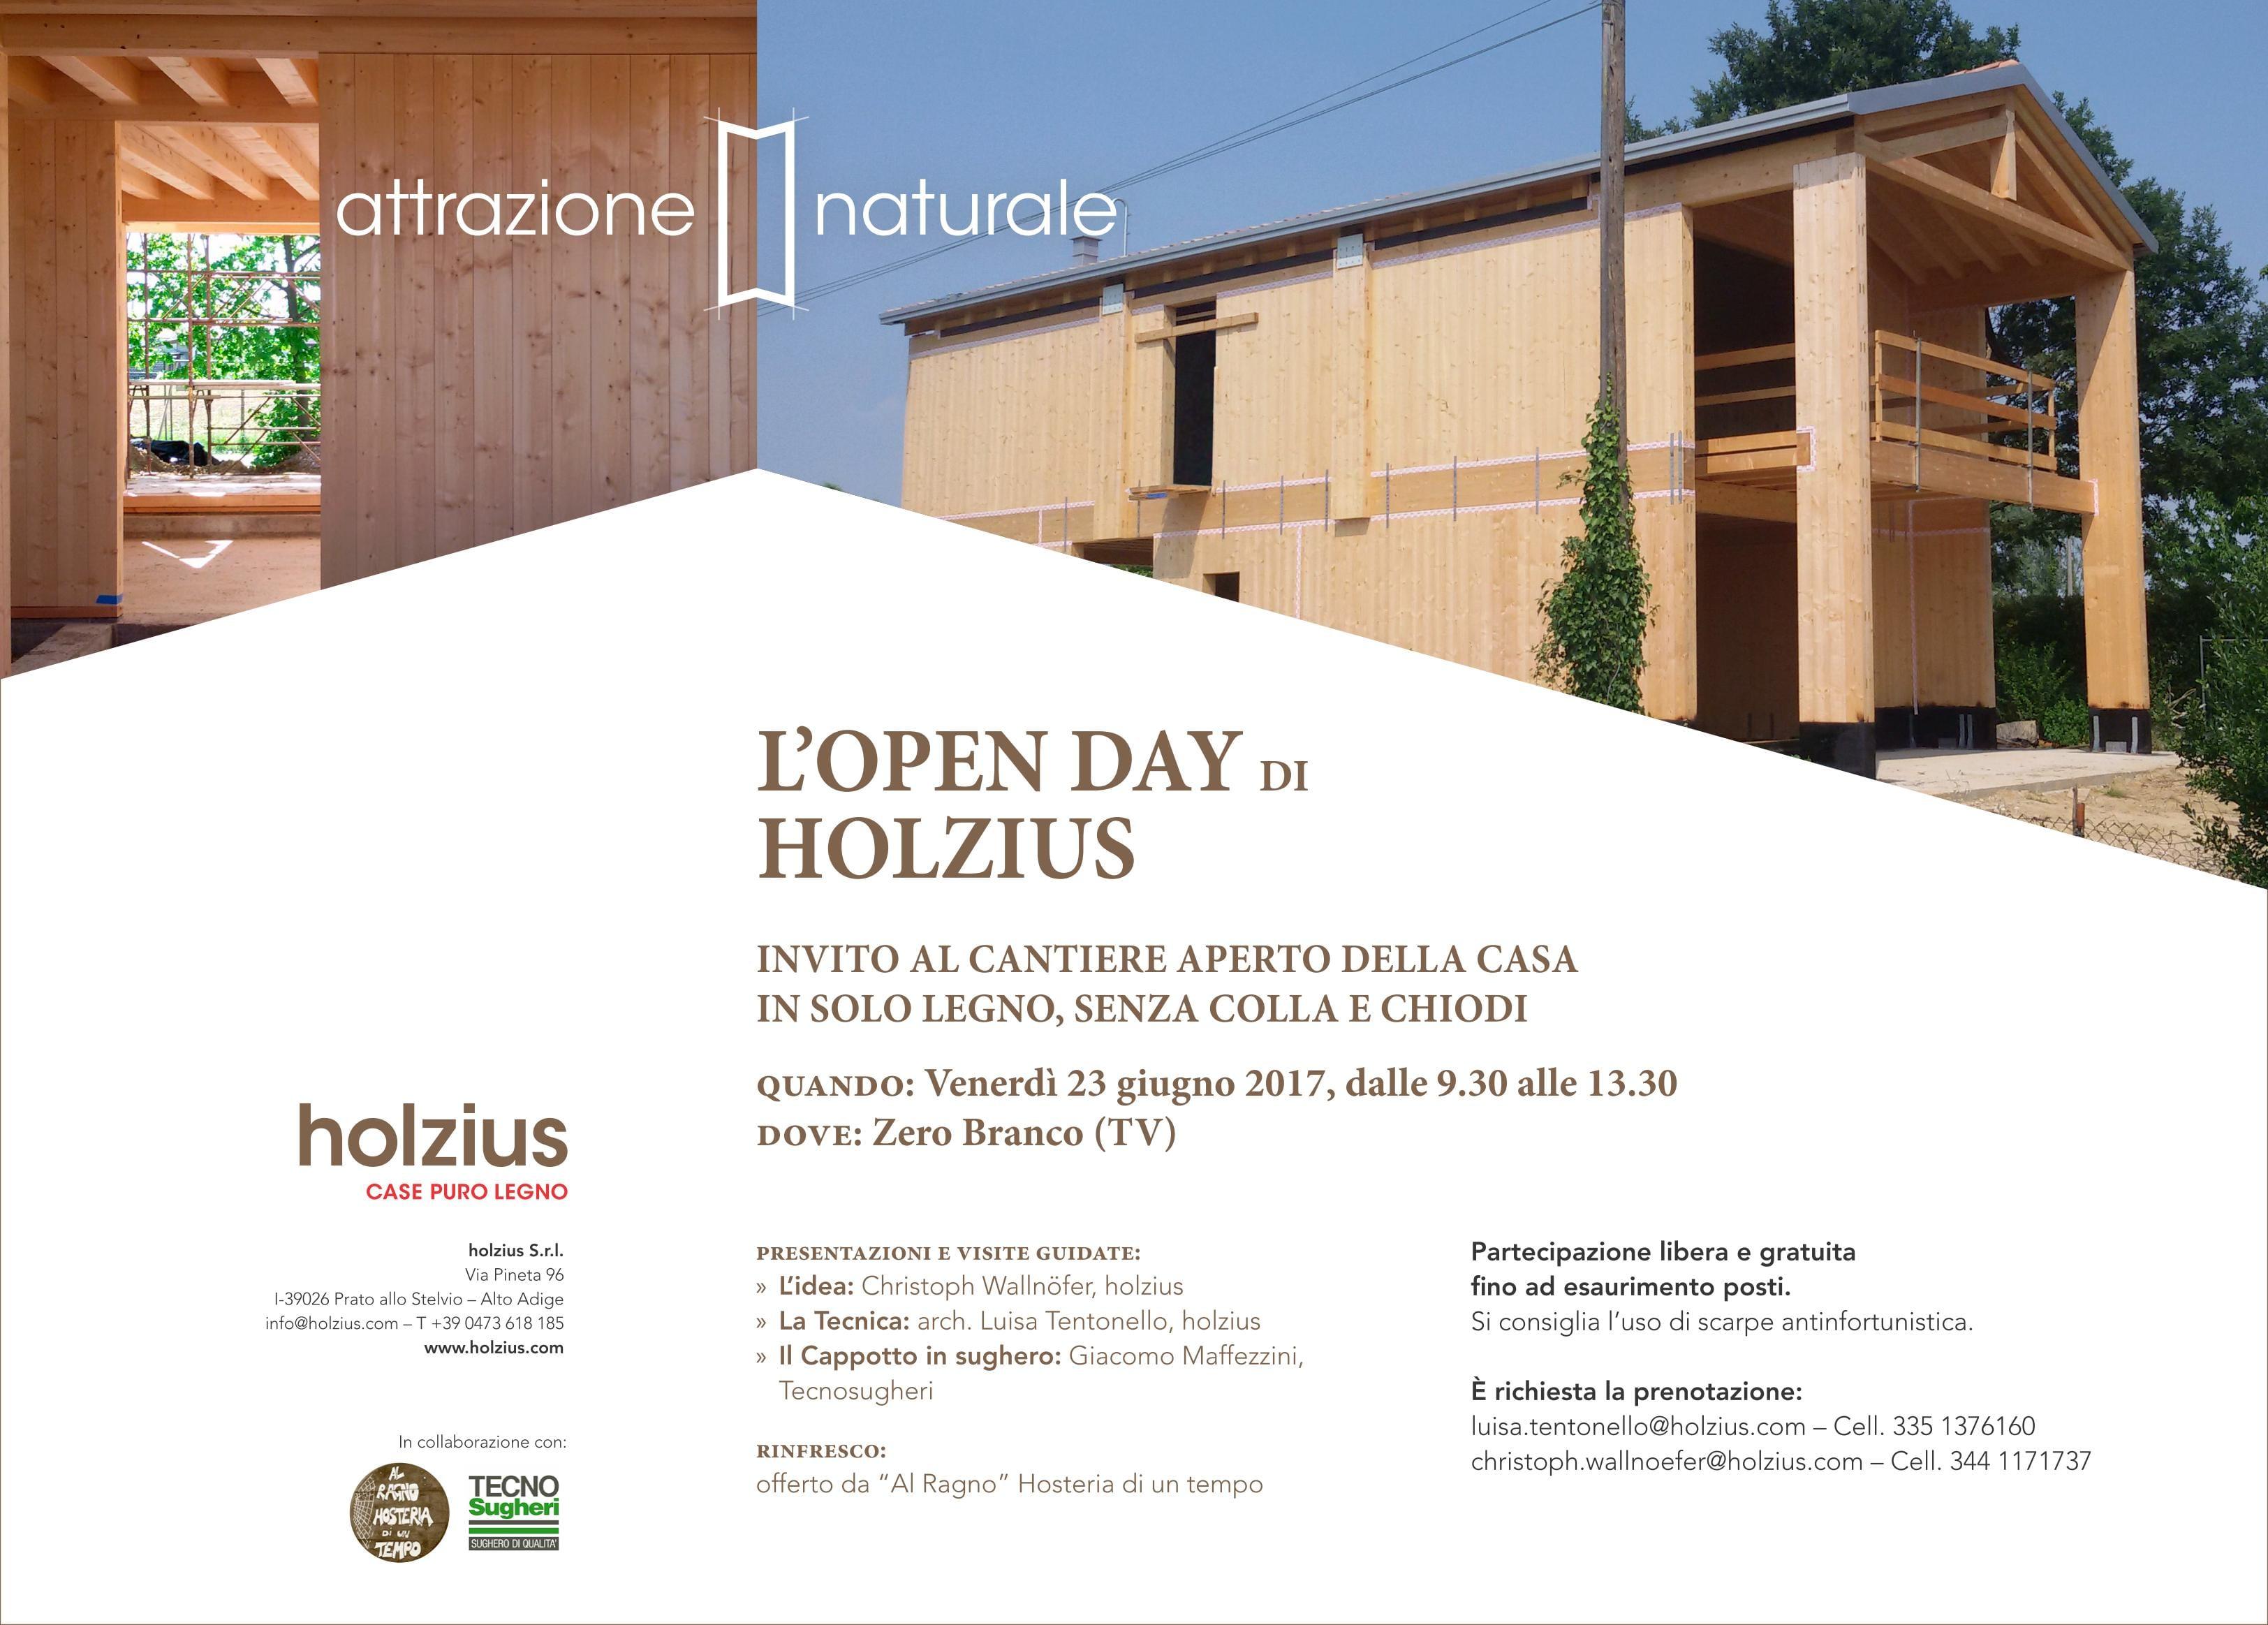 Invito cantiere aperto case puro legno holzius - 23 giugno 2017